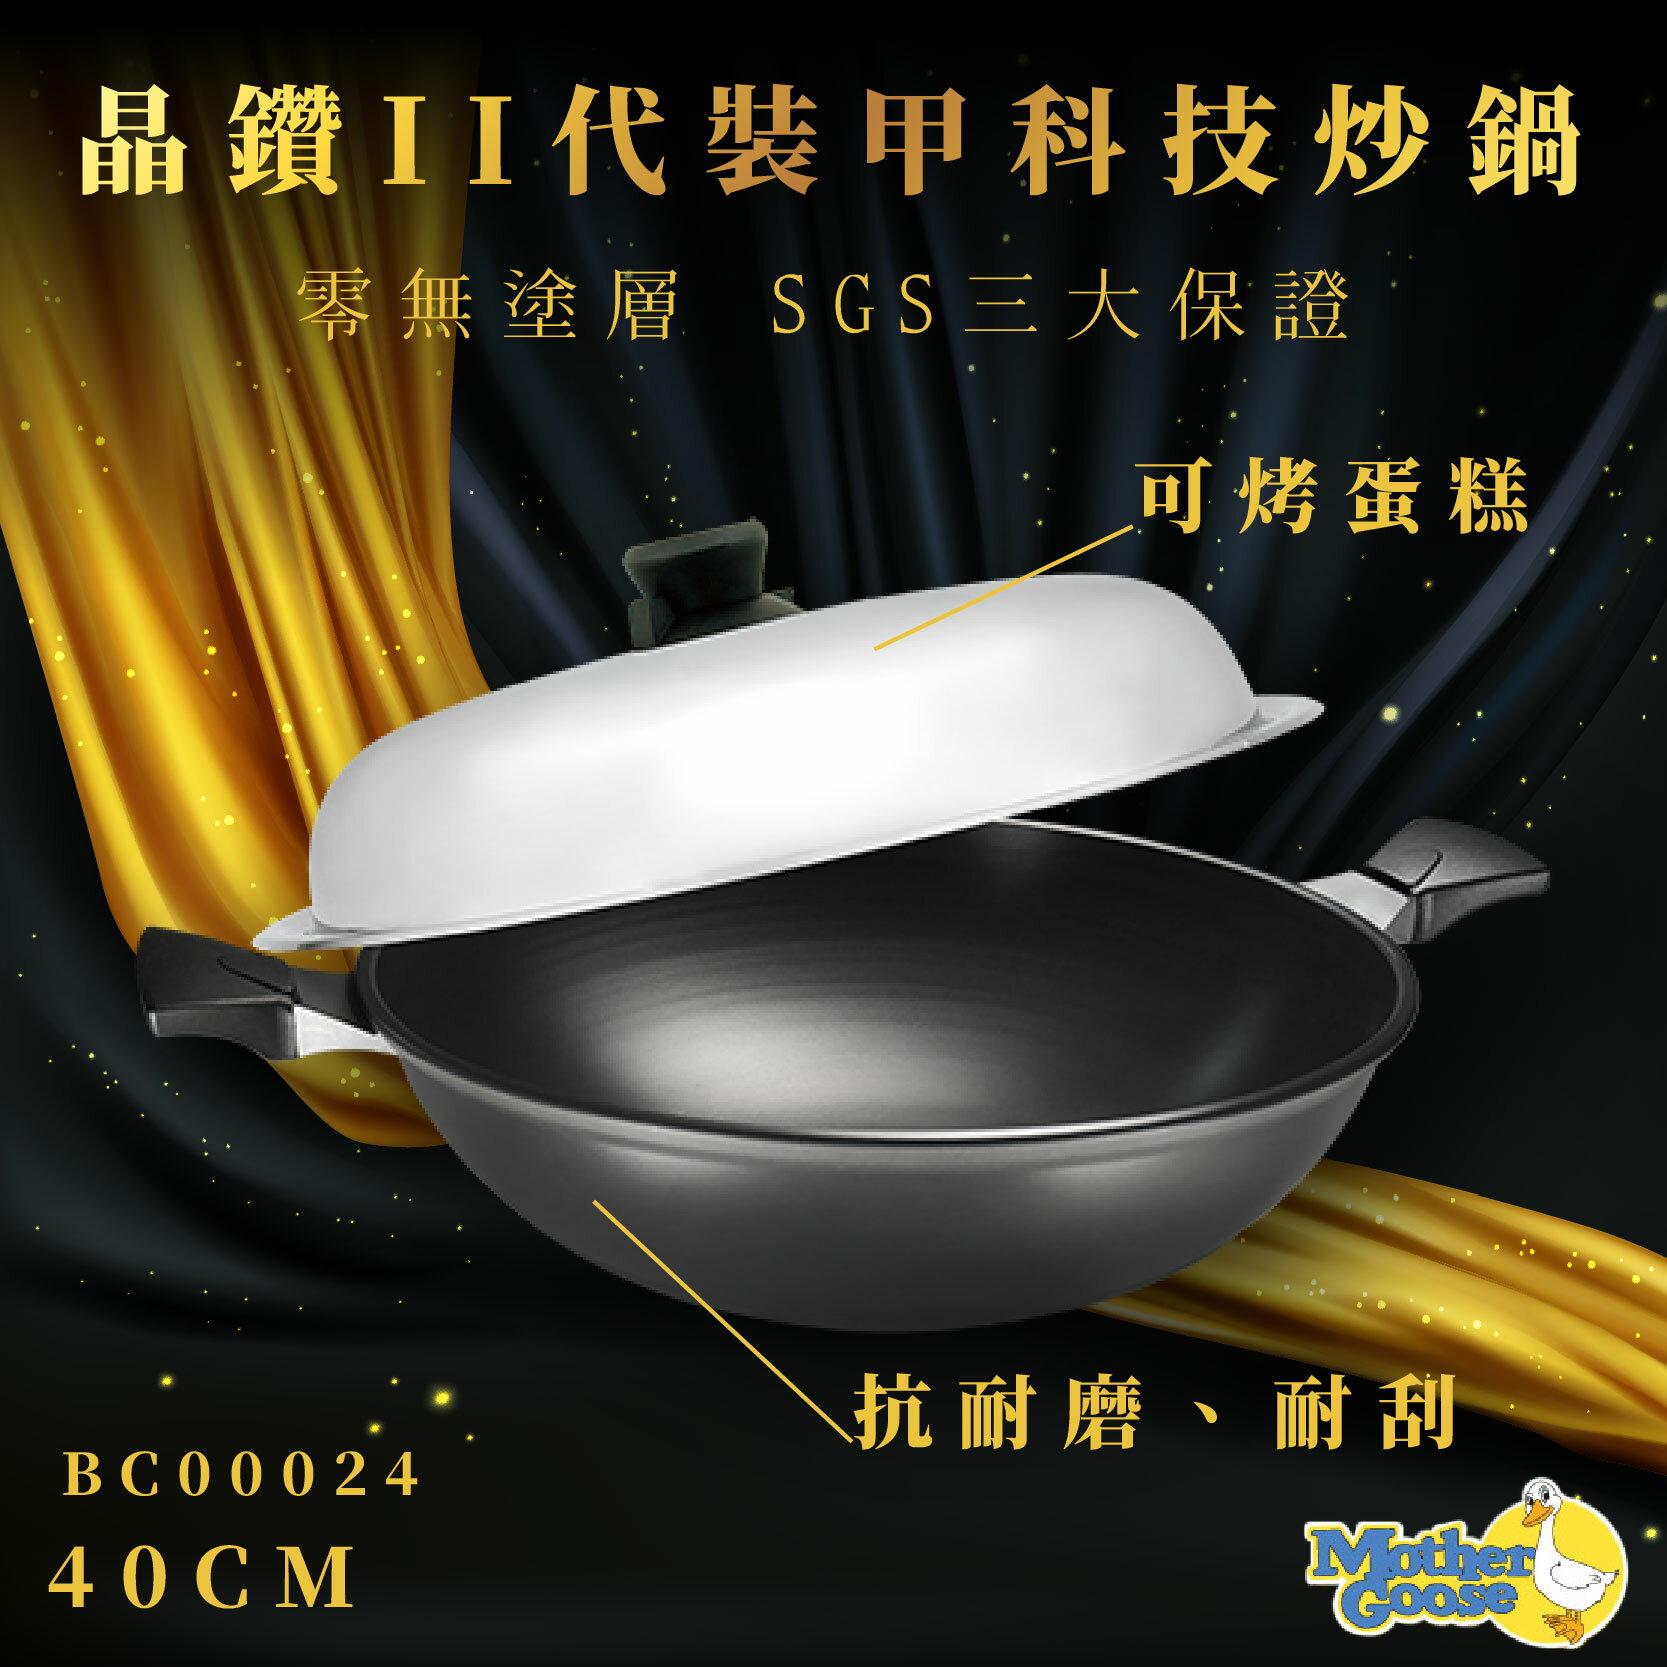 【料理達人】美國 BC00024 晶鑽2代裝甲科技炒鍋 40cm 耐磨耐刮 物理性不沾 可烤蛋糕 航鈦合金 鍋具 鍋子